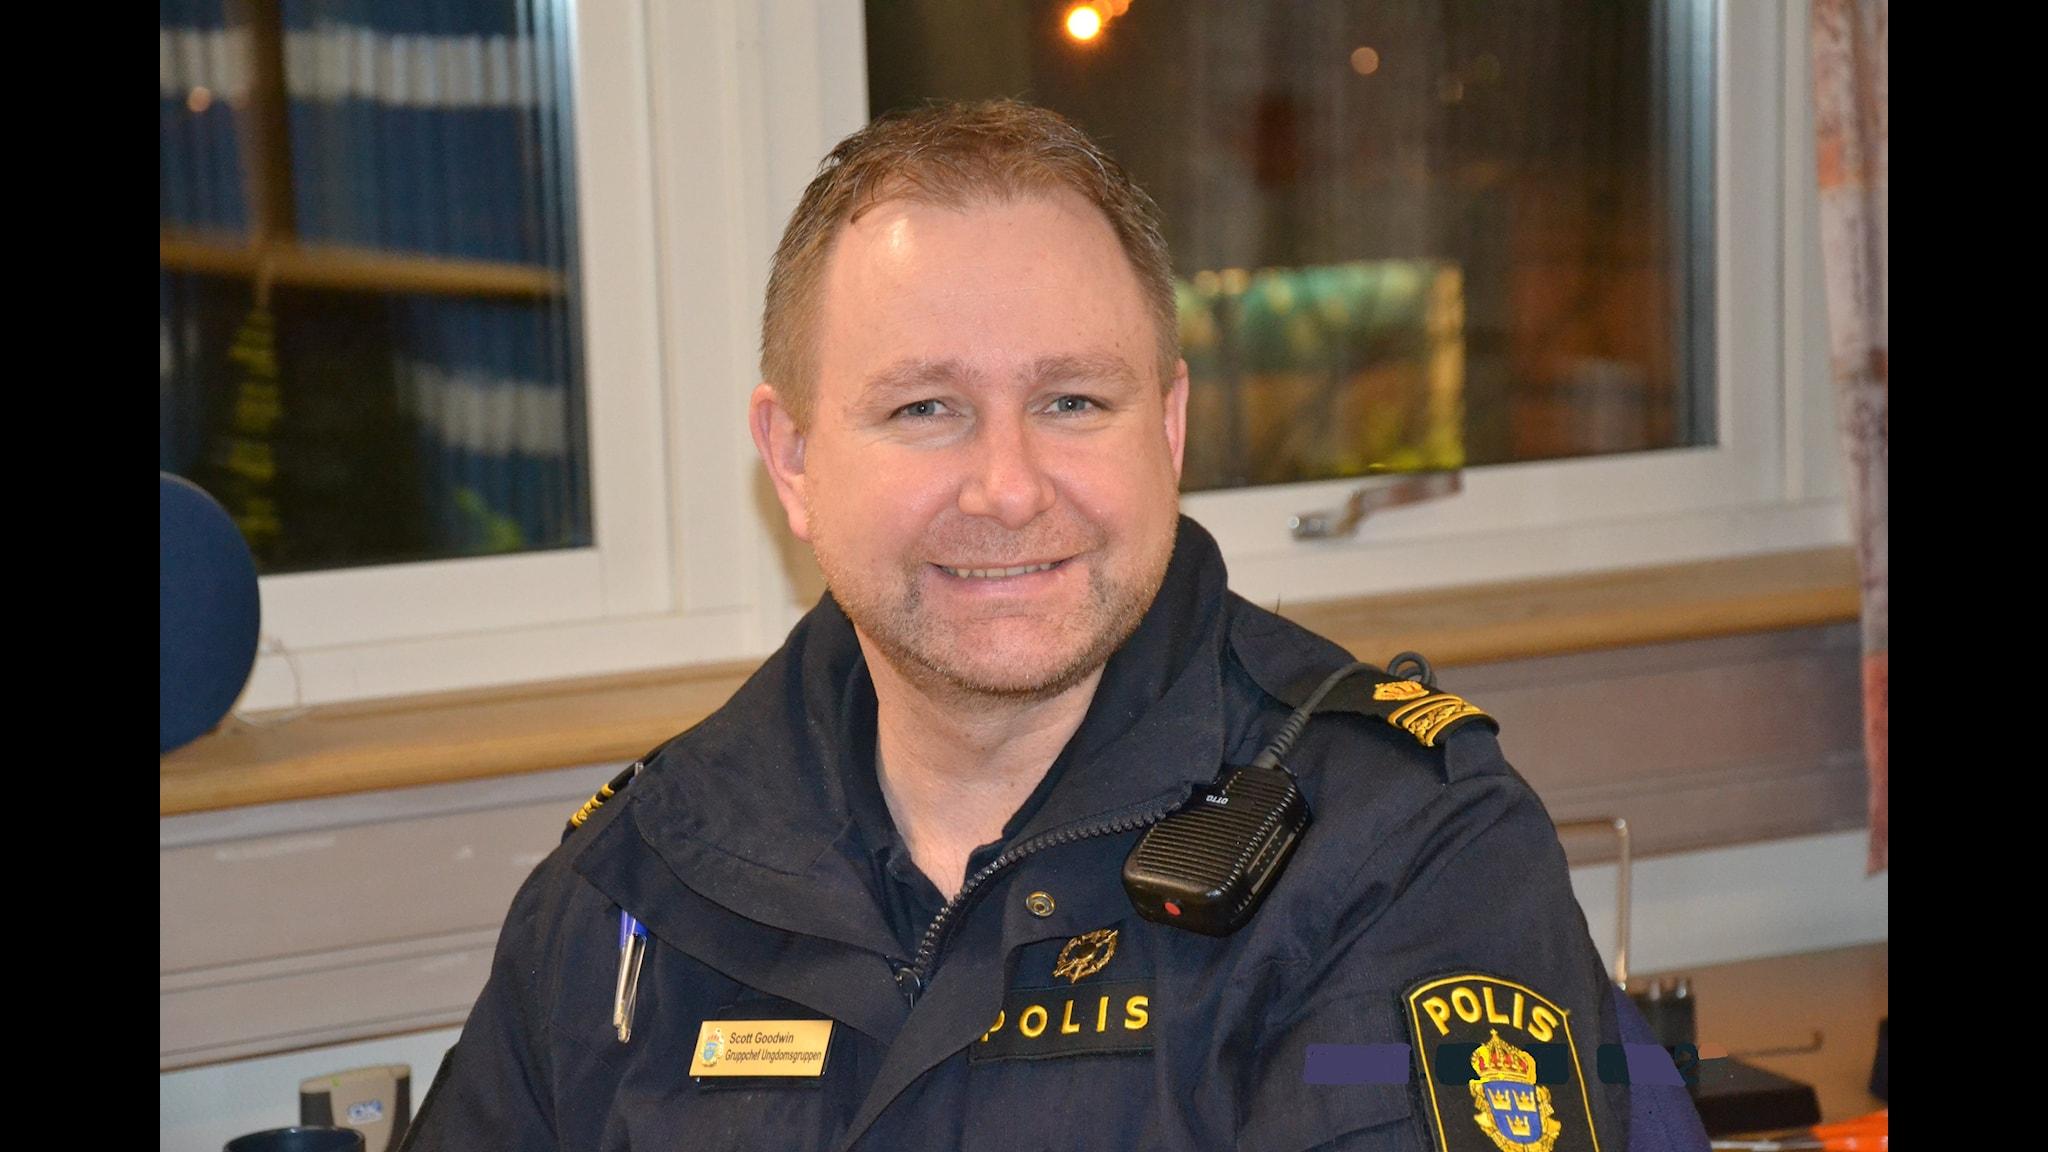 Från Facebook till Hallå P3: polisen Scott Goodwin!